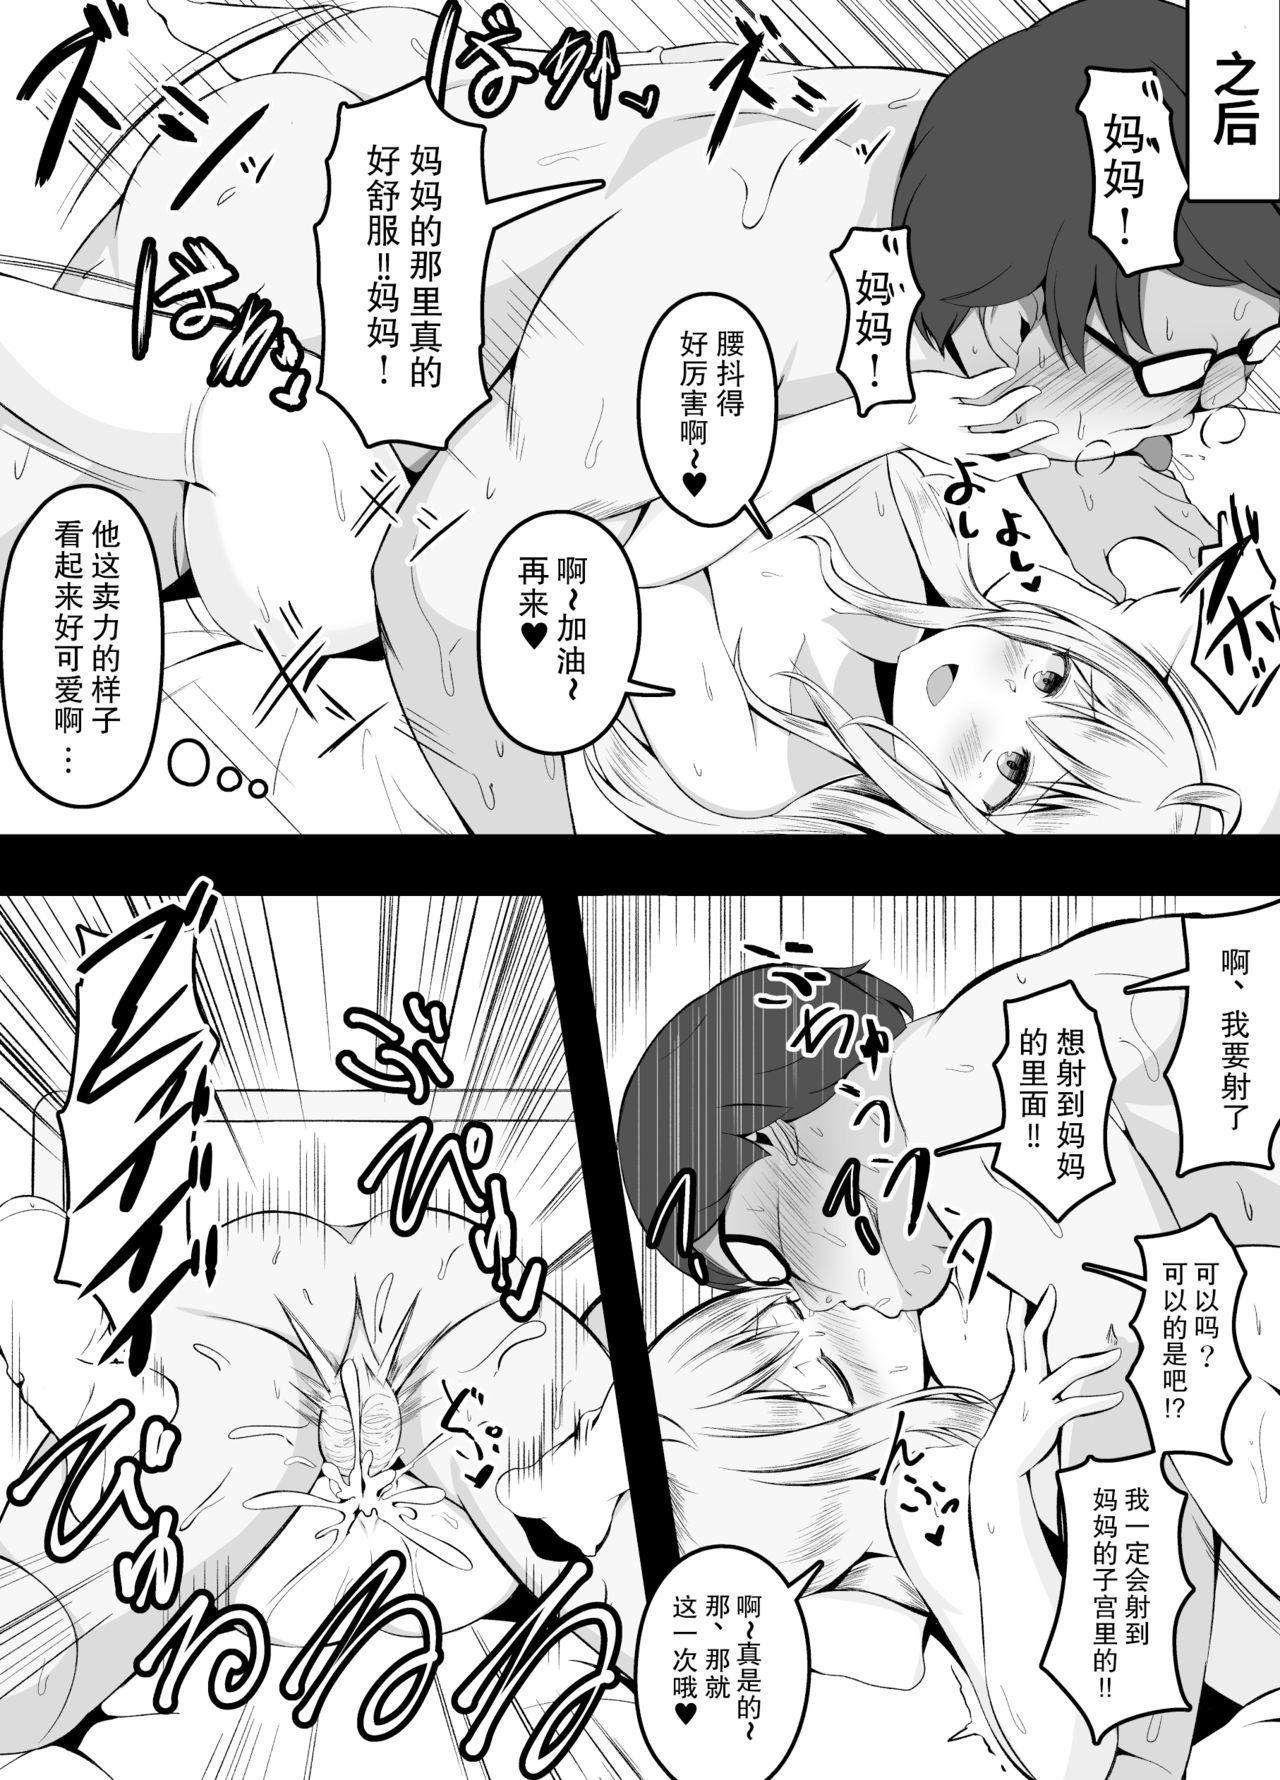 Gakkou Ichinichi Yasunda dake de Tondemonai Gakari ni Irerareta Onnanoko 6